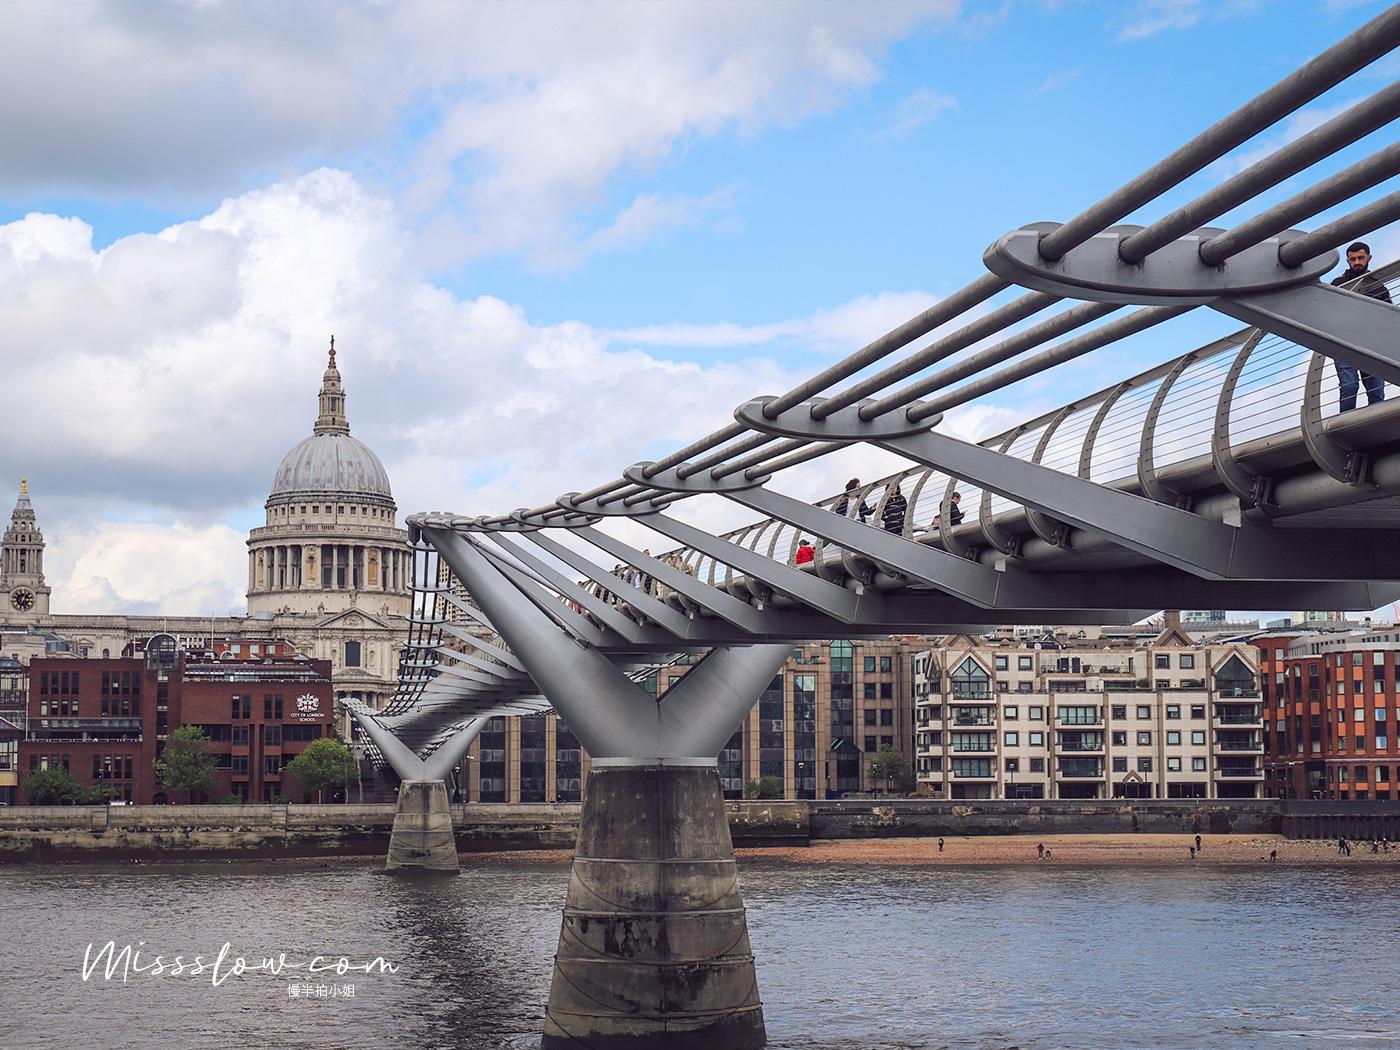 倫敦泰晤士河南岸-千禧橋